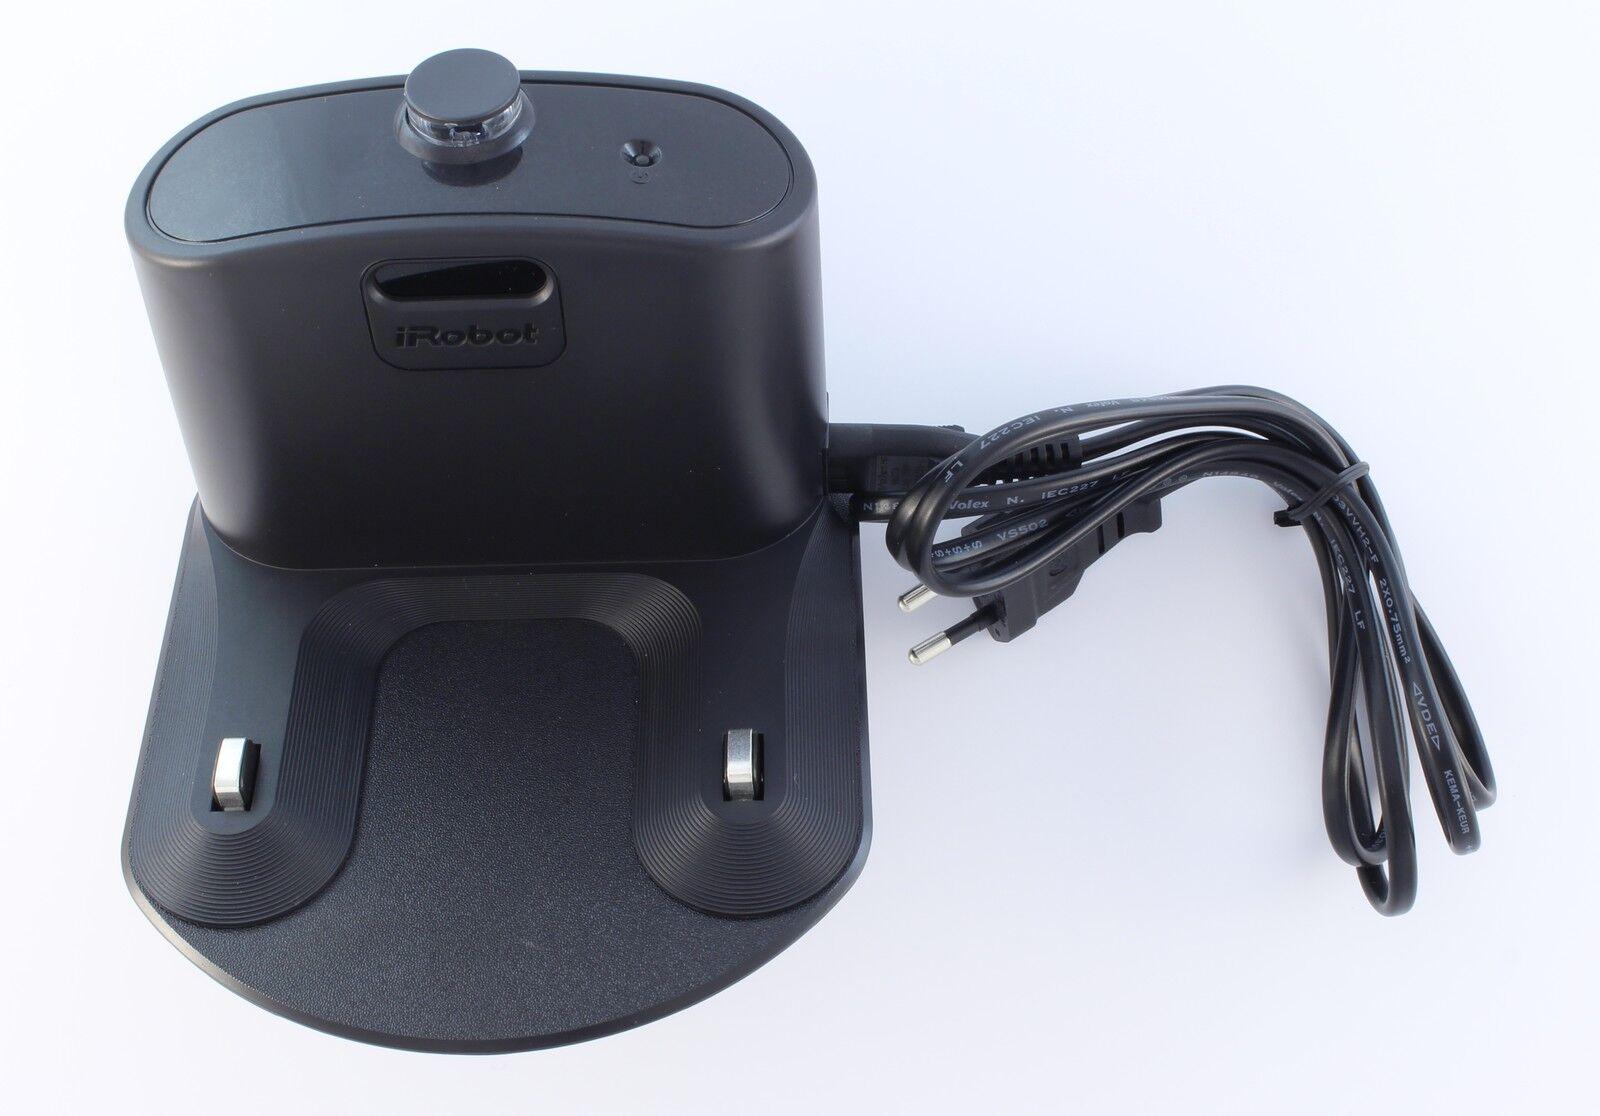 Base de récharge, home base, pour iRobot Roomba avec alimentation intégré